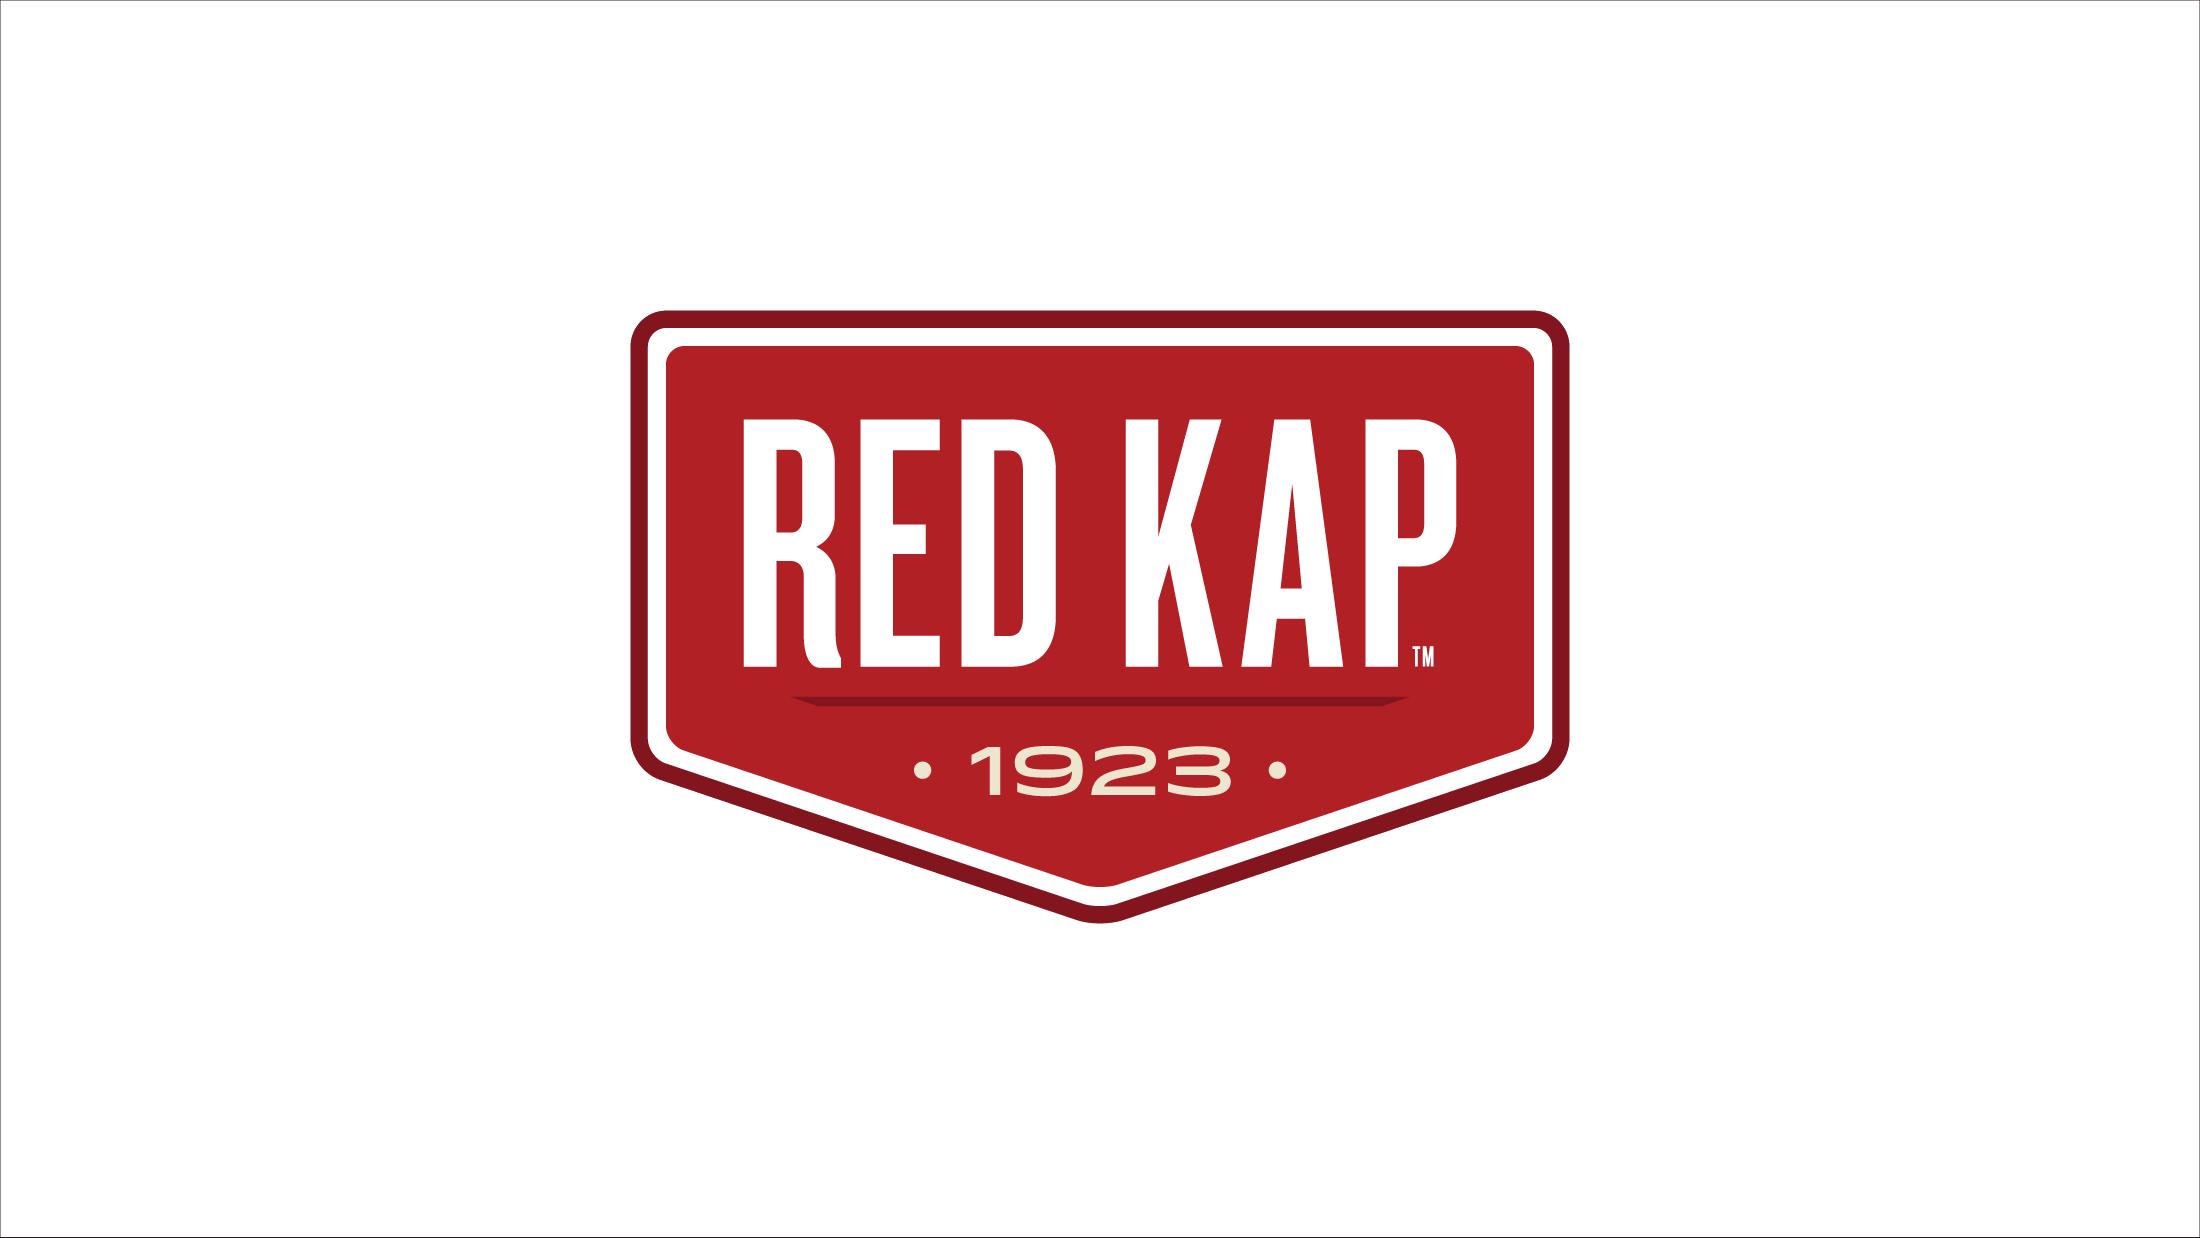 redkap-logo